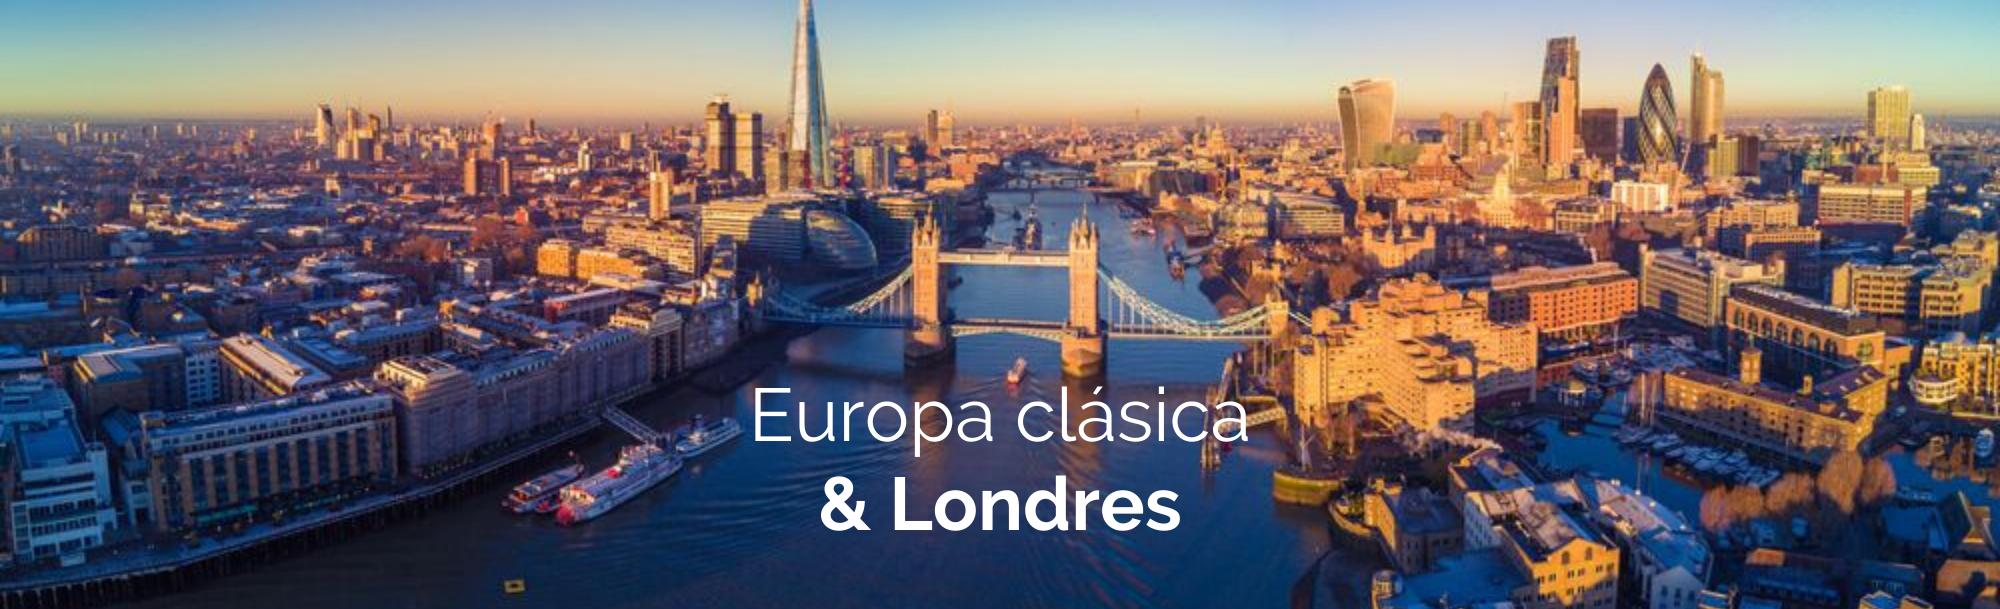 Europa clásica y Londres